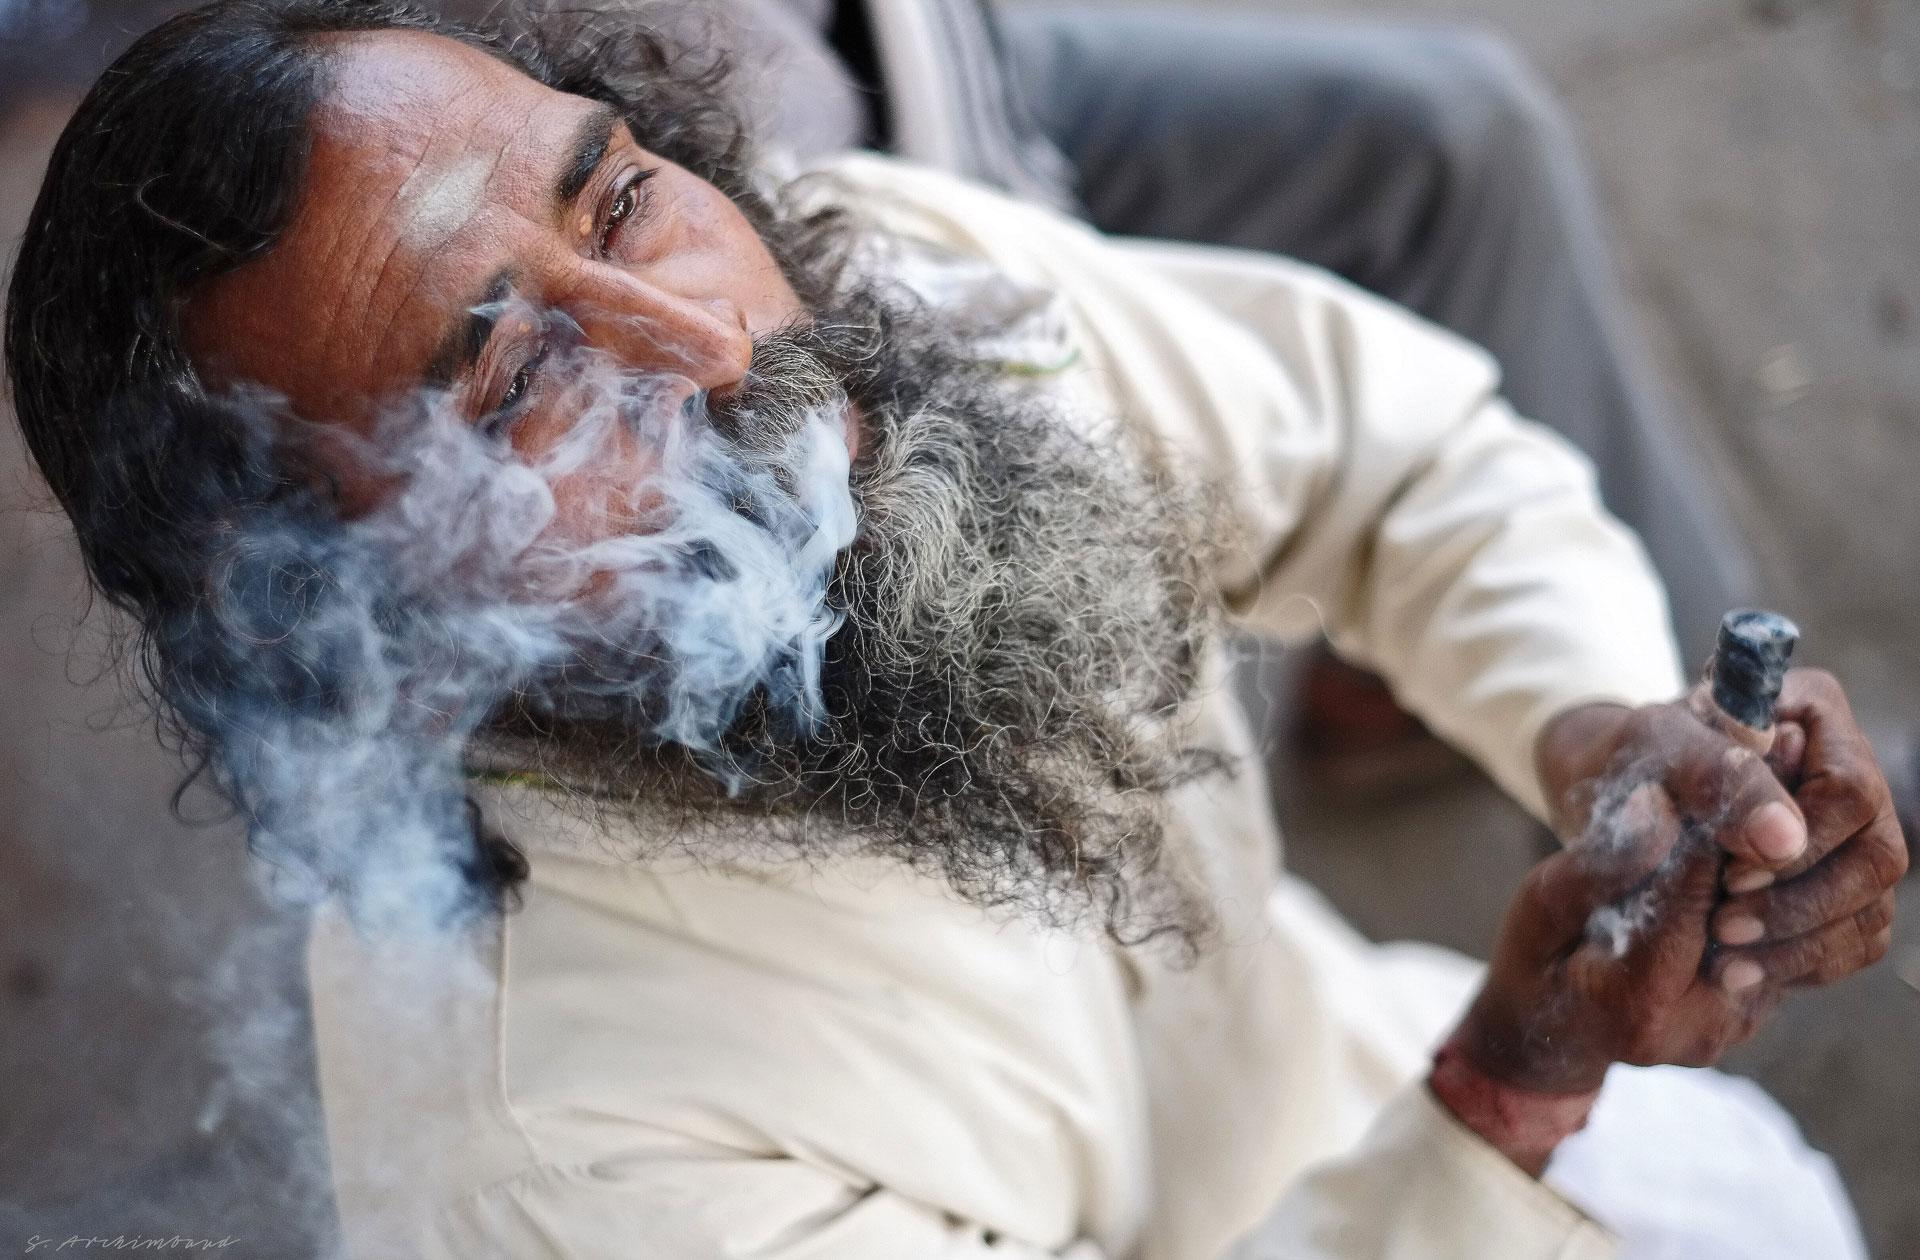 portrait d'un indien crachant de la fumée